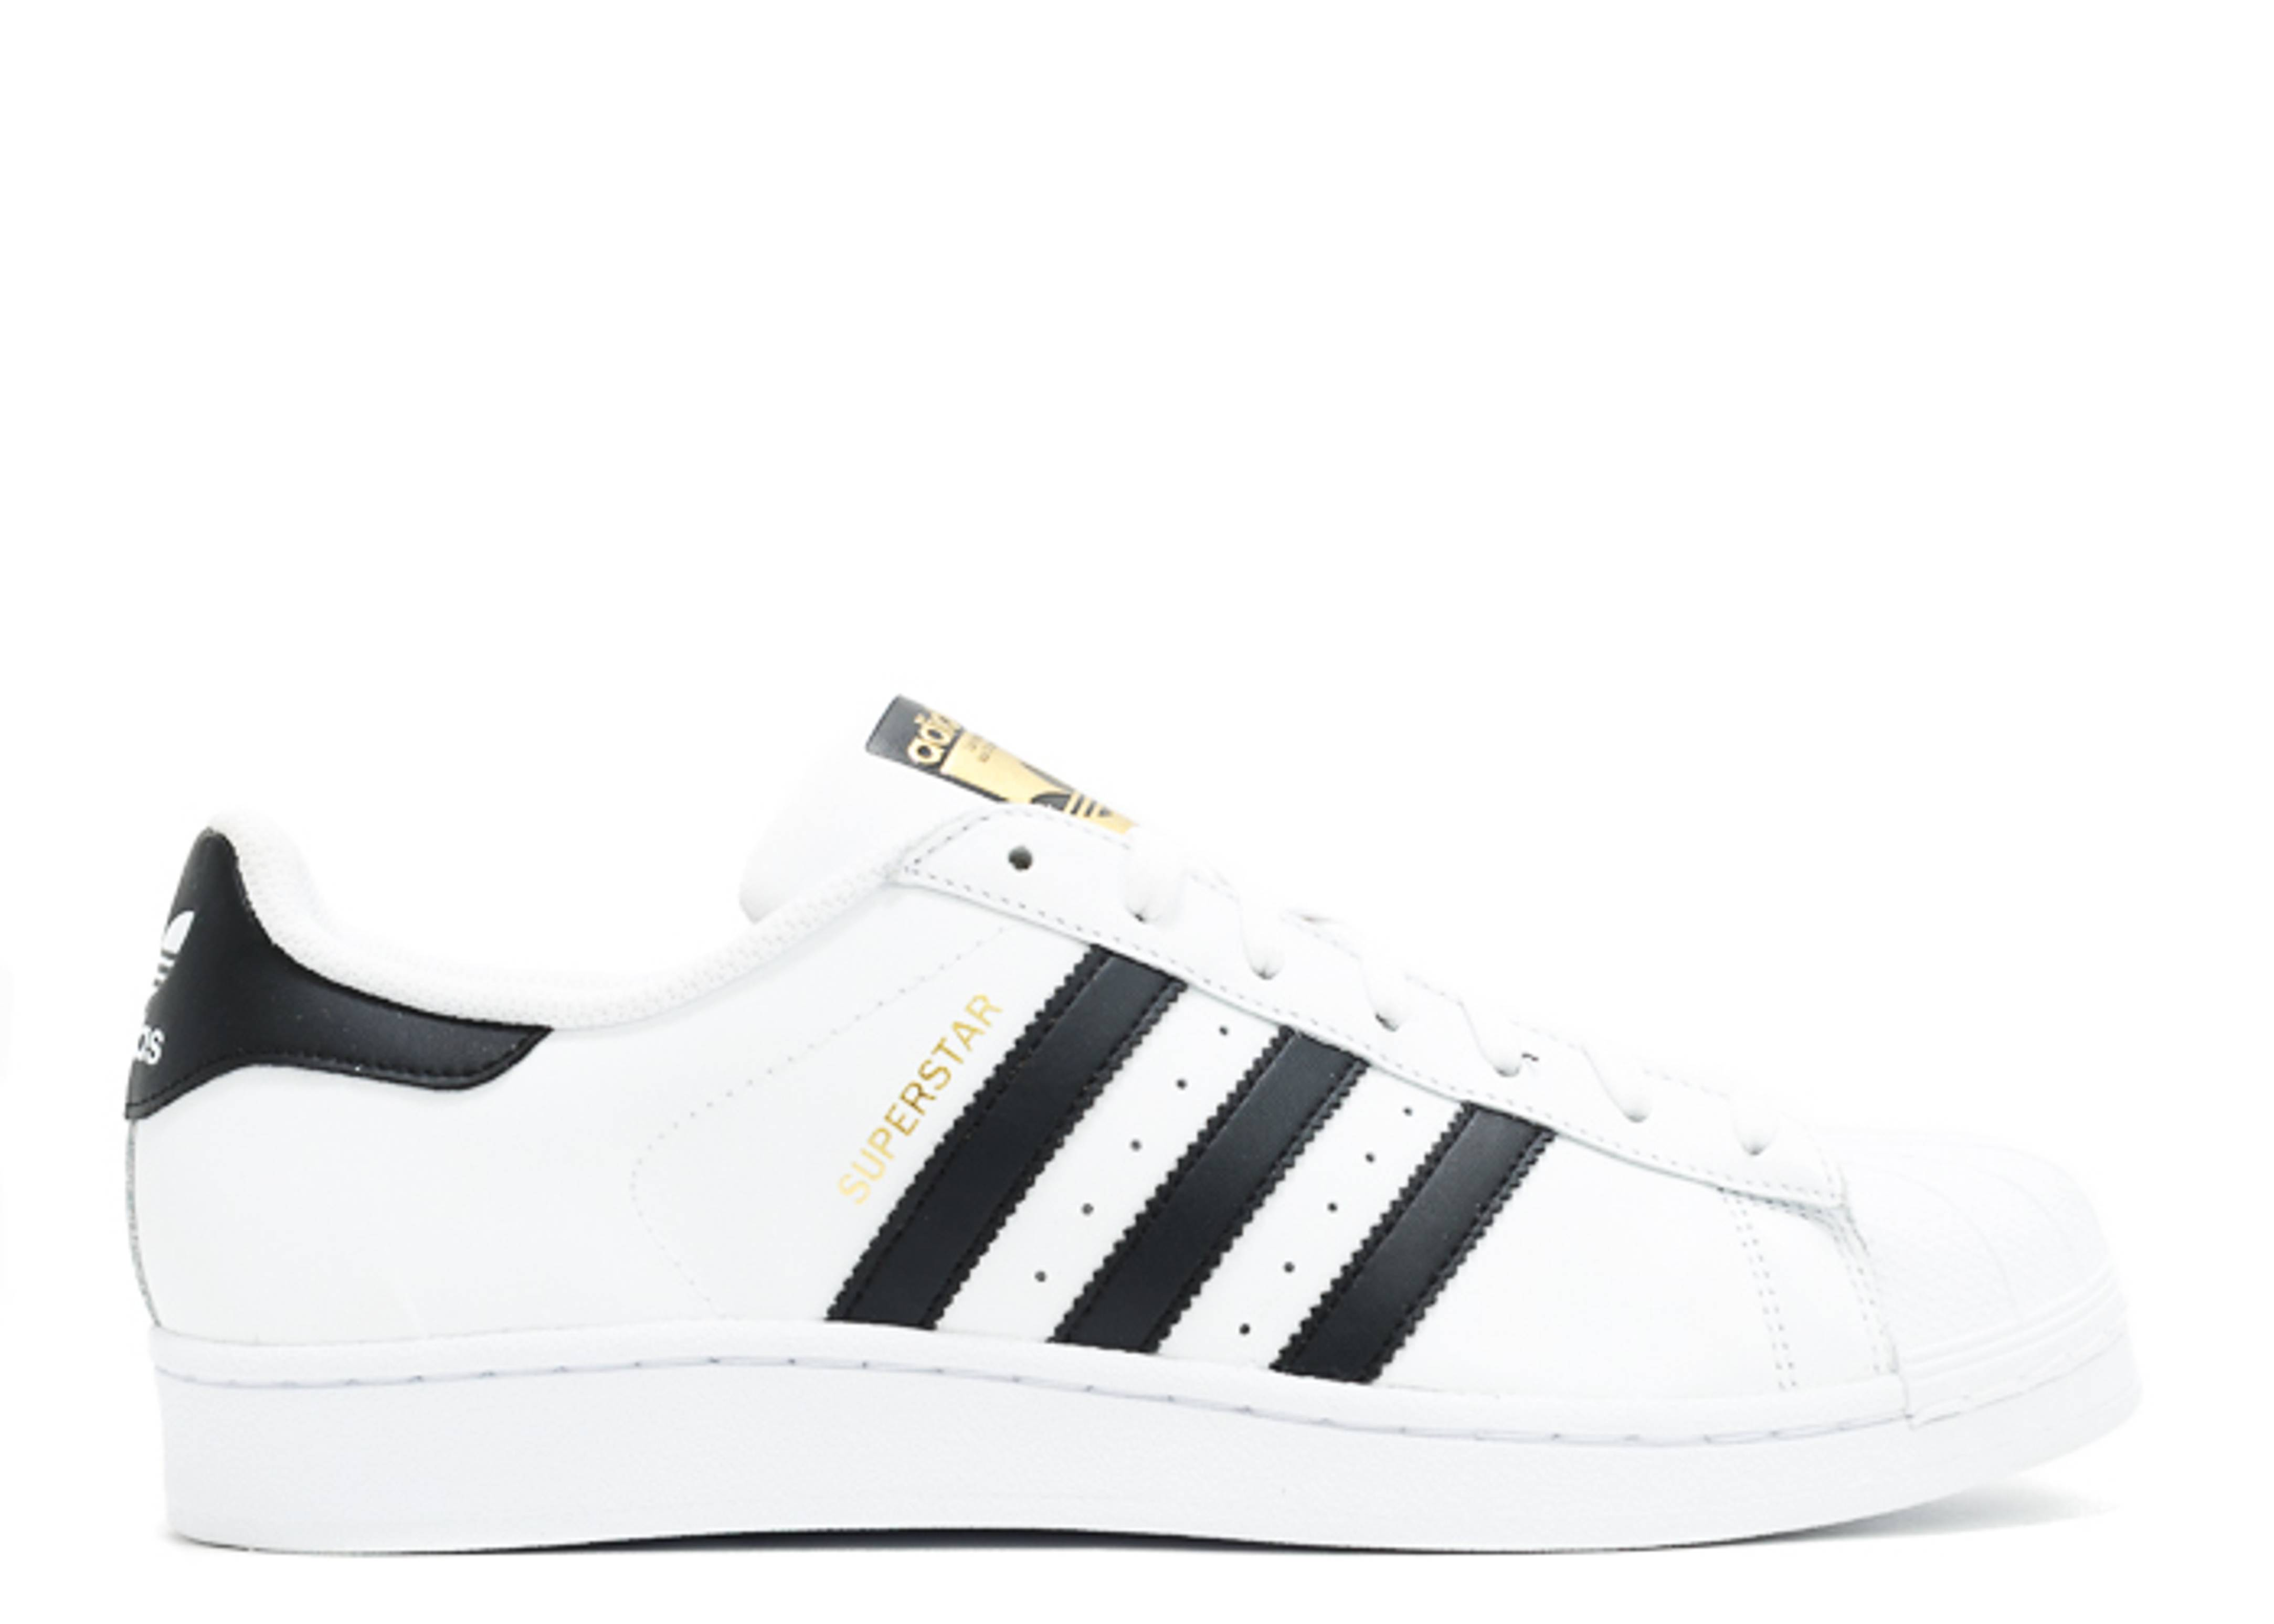 ff7903560e9 Adidas Superstar Shoes - Adidas Originals